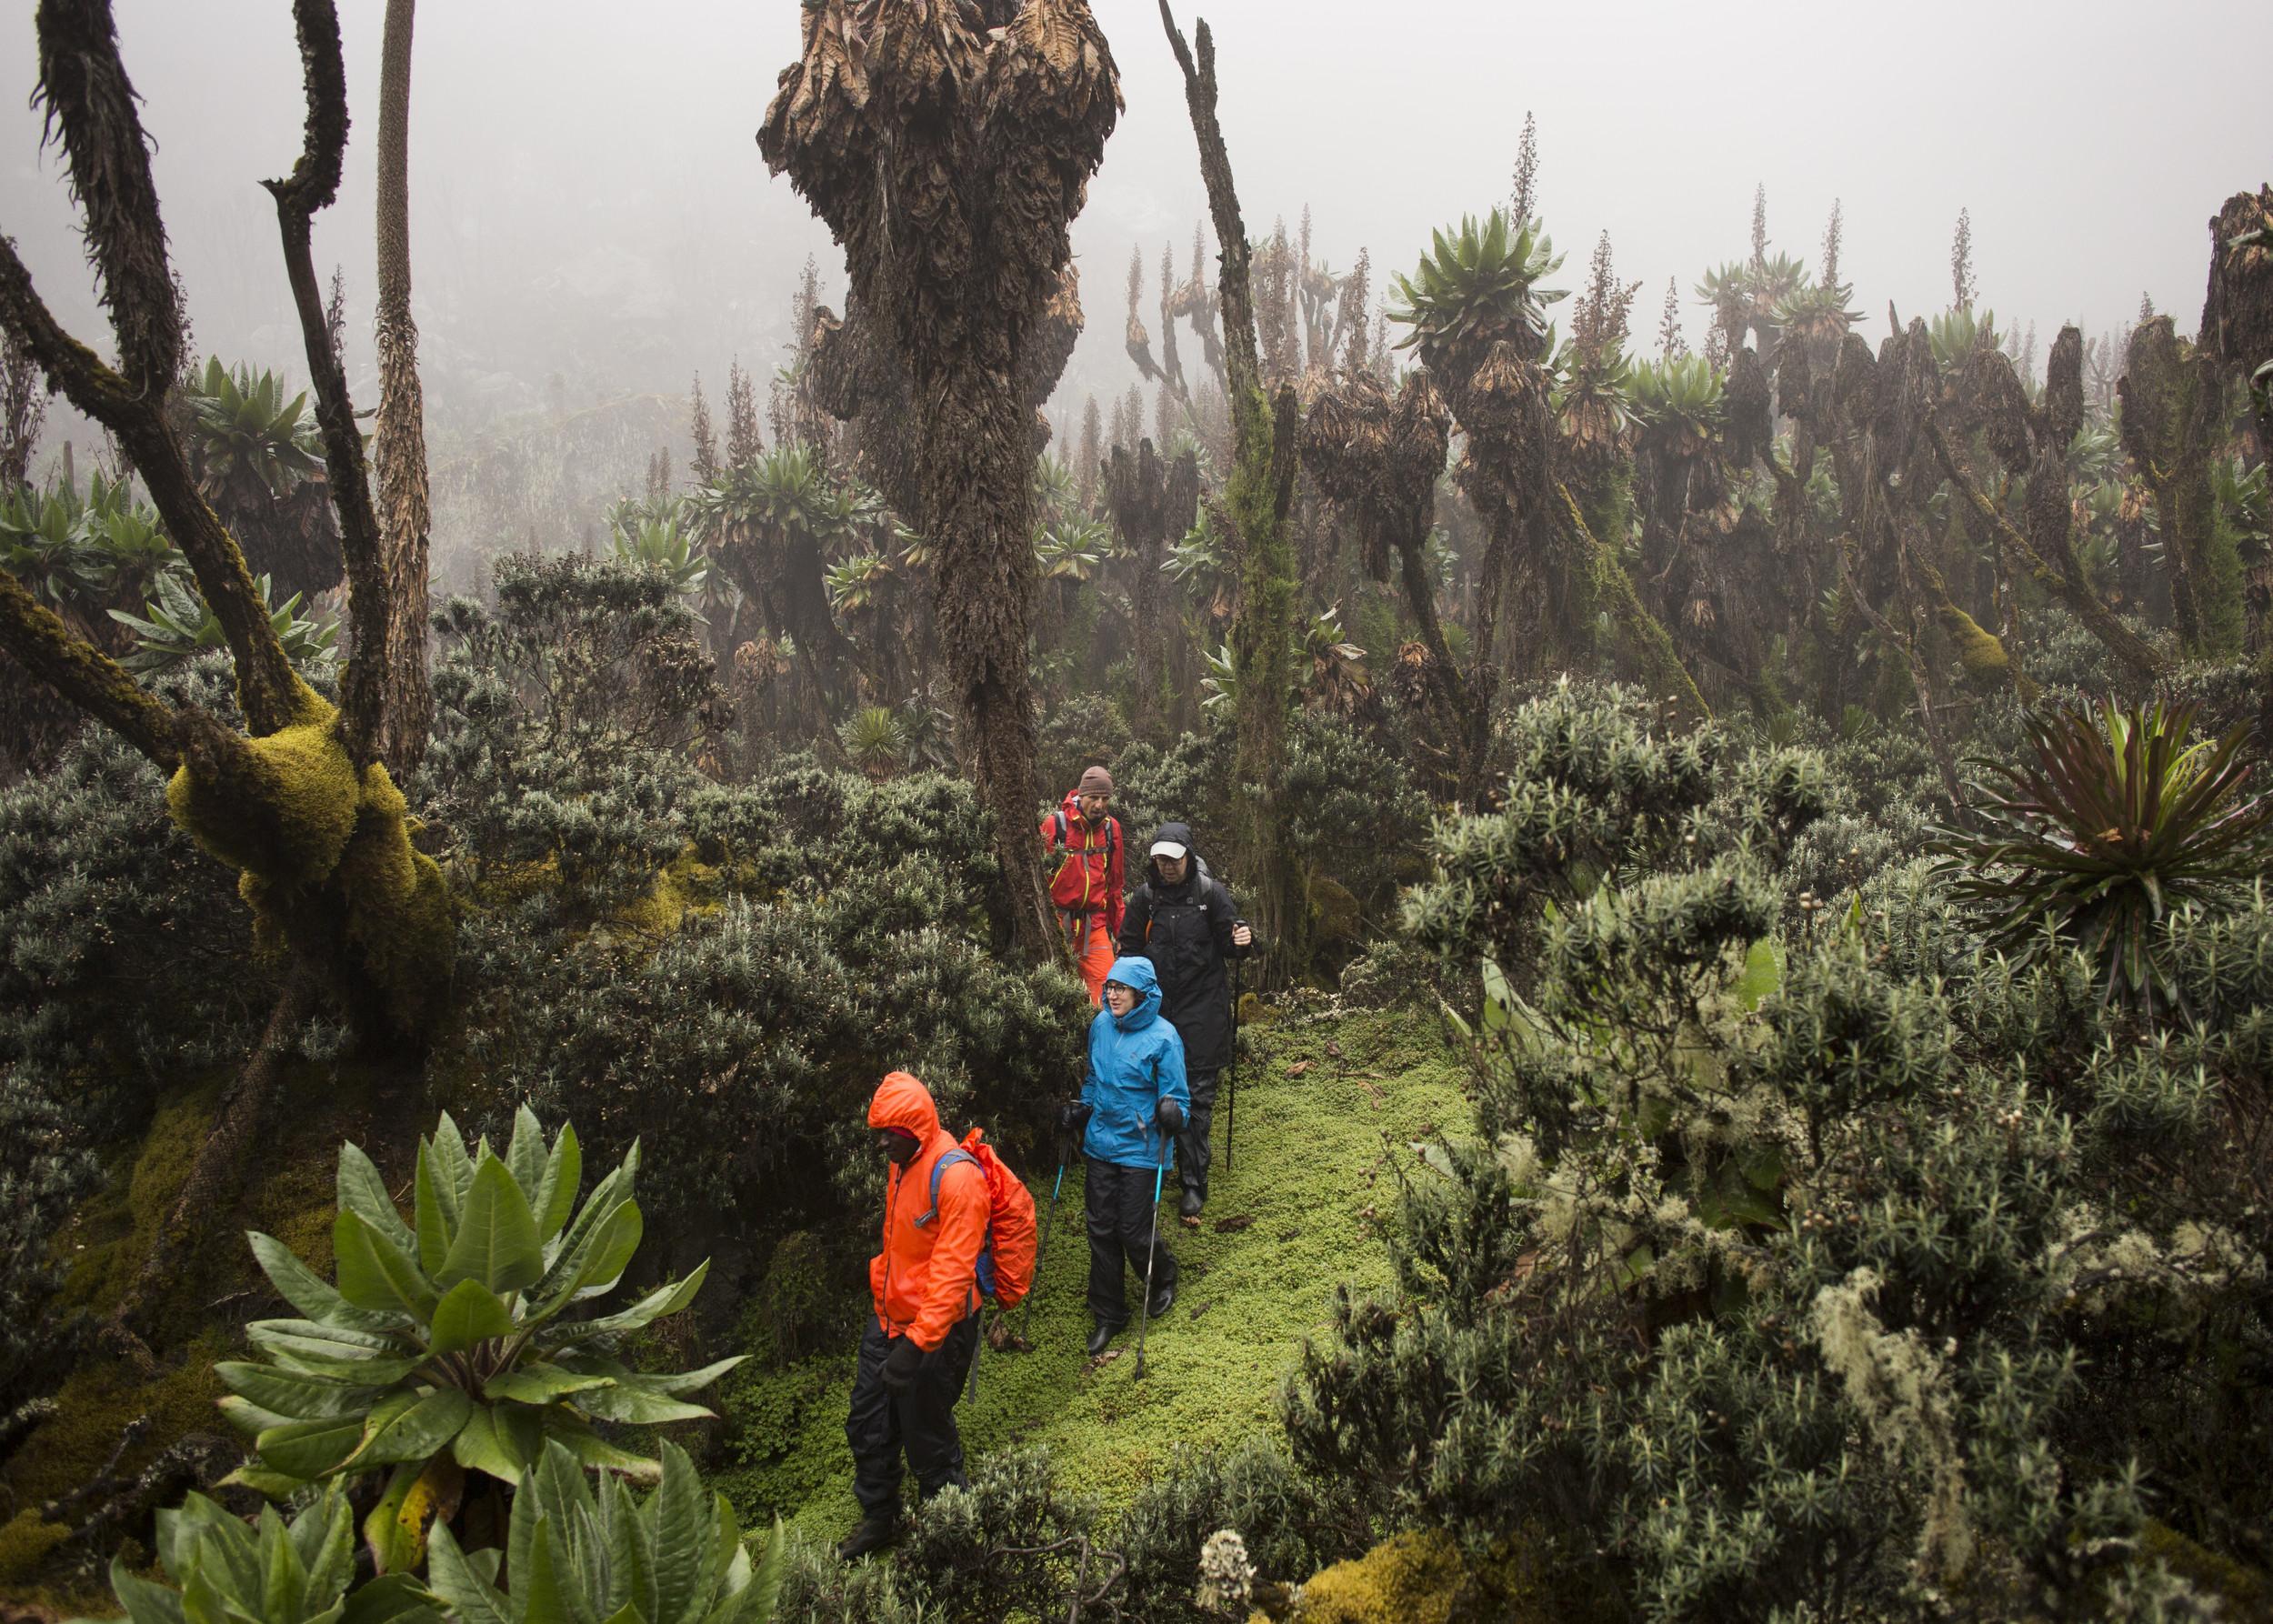 Wanderung durch das Ruwenzori-Gebirge, das dritthöchste Gebirge Afrikas, welches auf der Grenze zwischen Kongo und Uganda liegt, 2017, Uganda, Ostafrika, Afrika